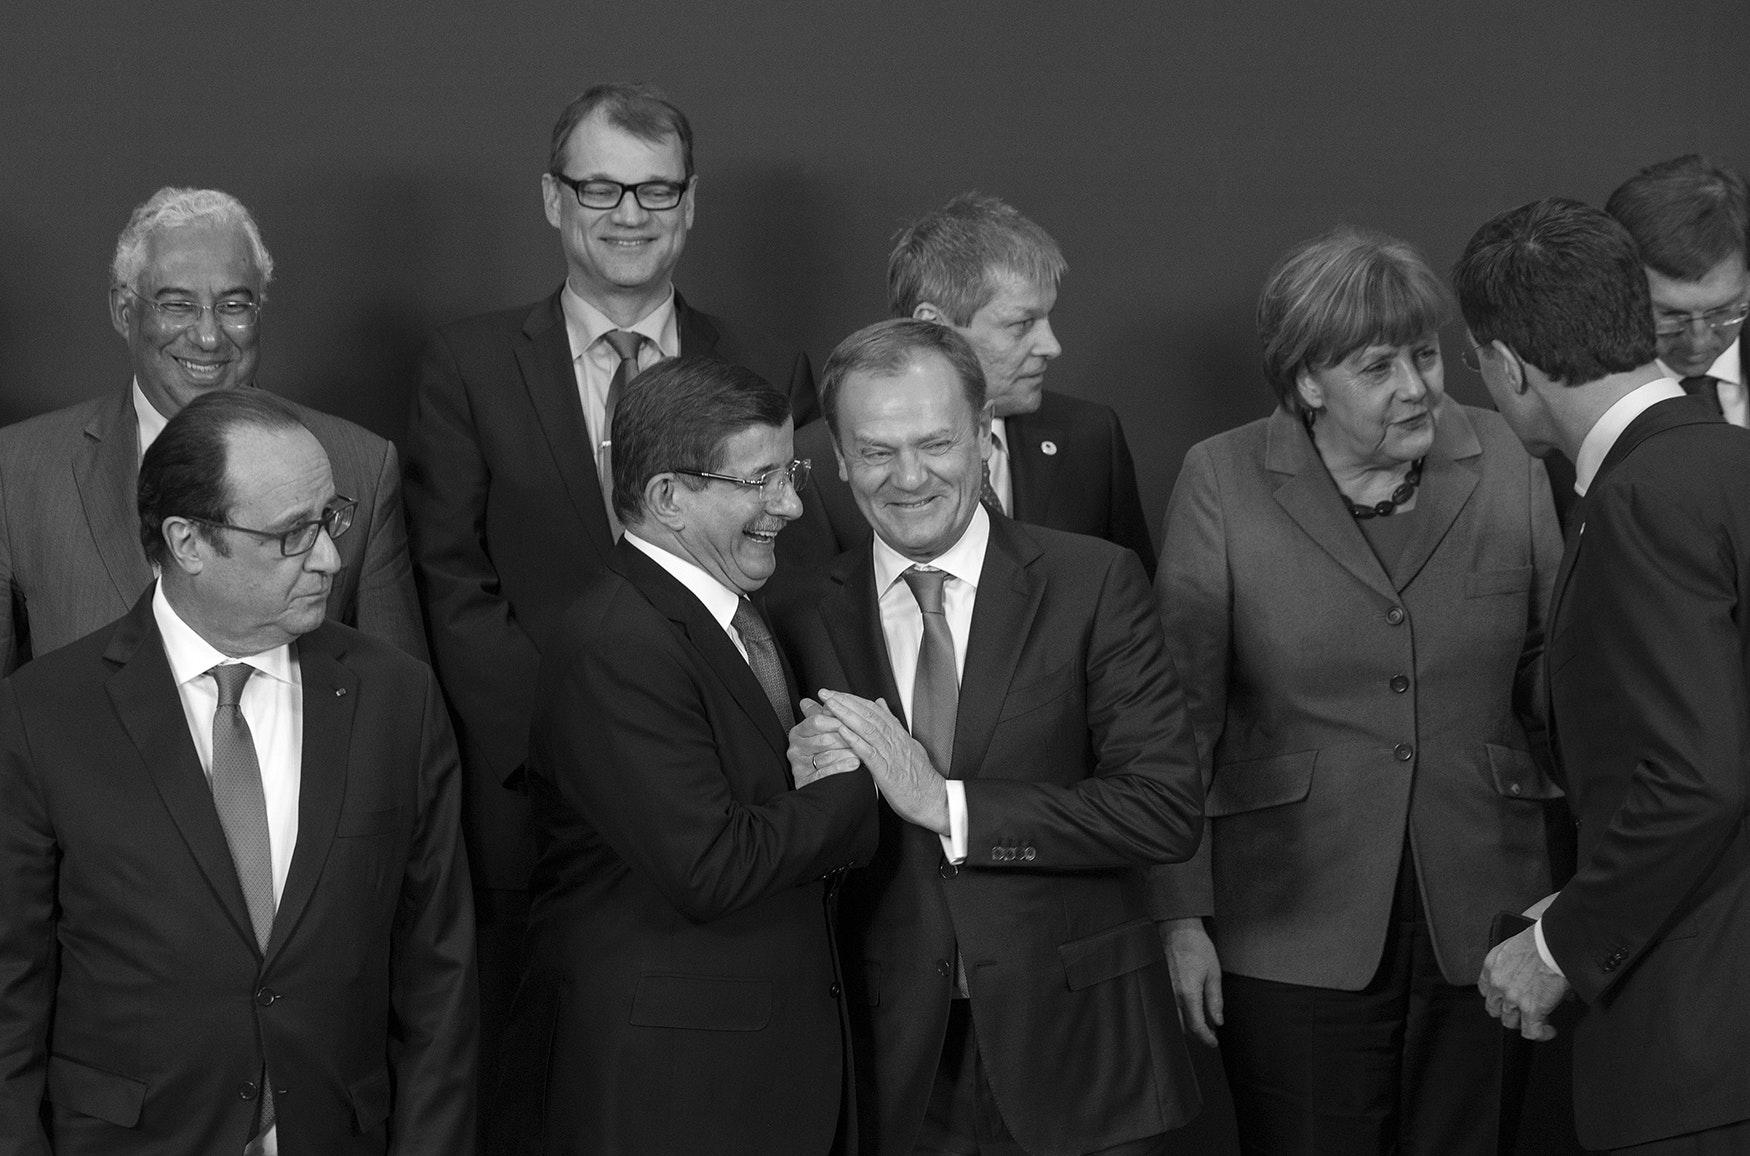 2016: de Turkse premier Ahmet Davutoglu (lachend, met bril) poseert met Europese leiders na onderhandelingen over de Turkije-deal.